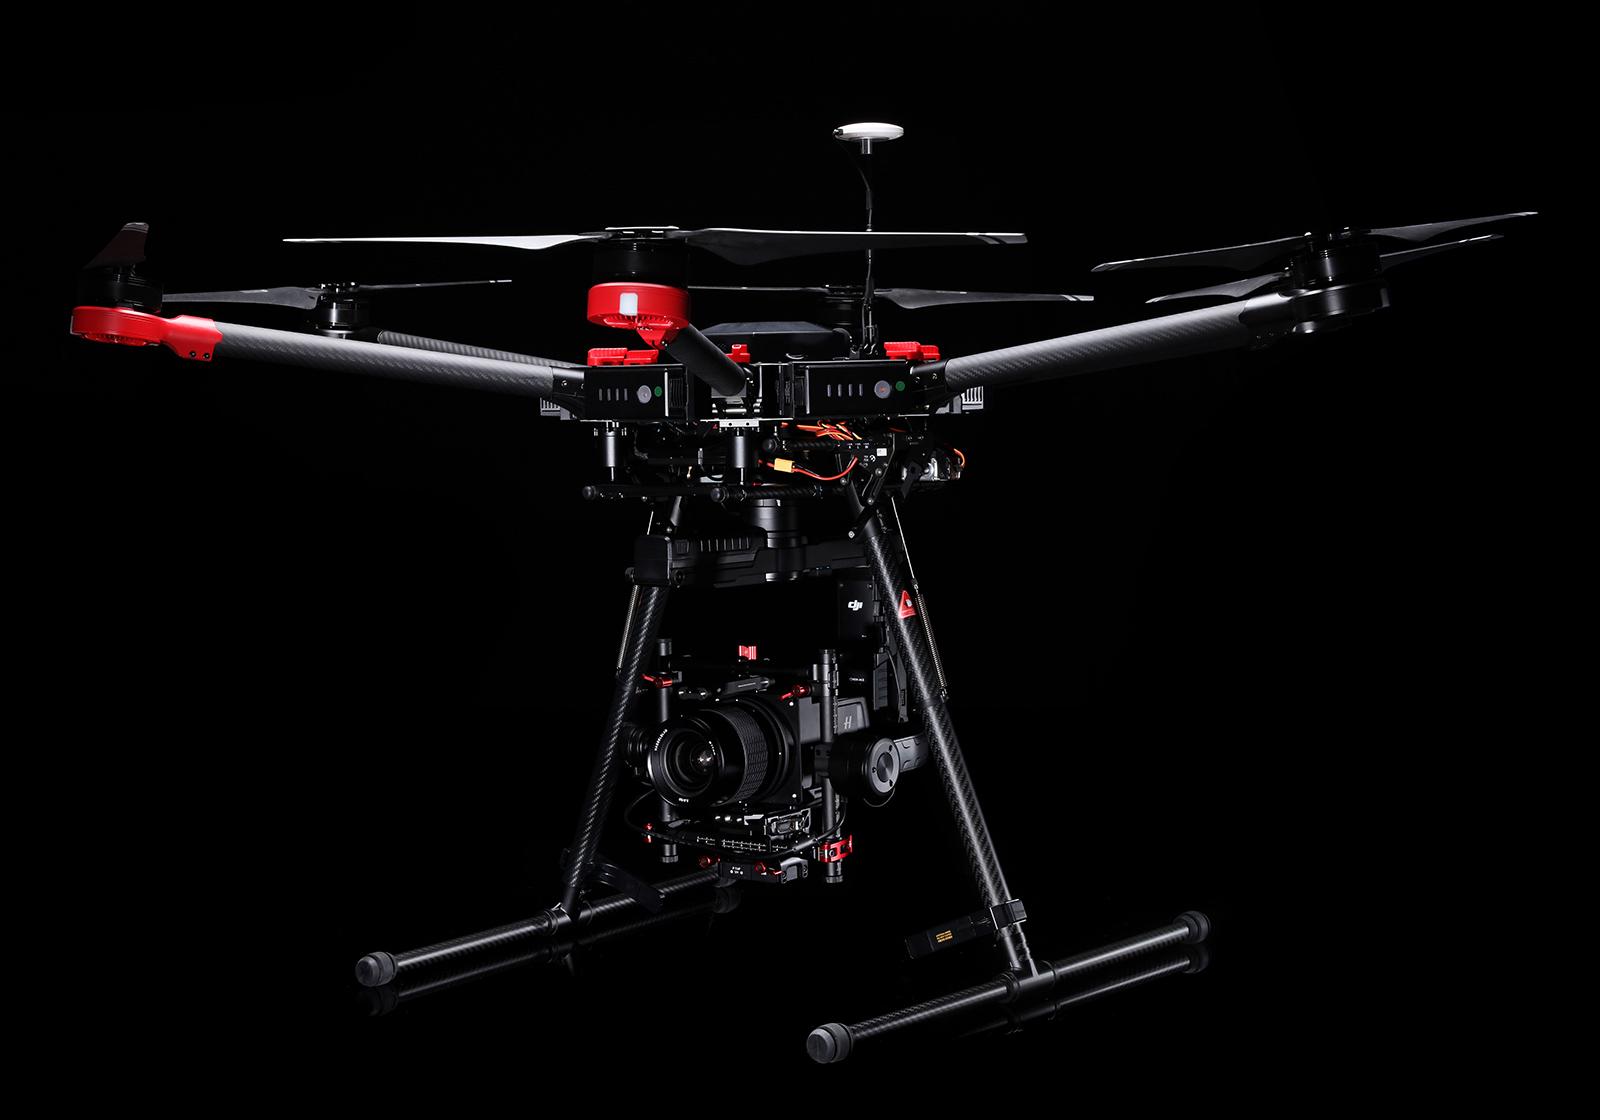 Et virkelig ikonisk selskap, Hasselblad, er visstnok eid av den kinesiske dronemakeren Dji etter at de først kjøpte aksjer vinteren 2015. Avbildet: DJI Matrice 600 med Hasselblad-kamera.